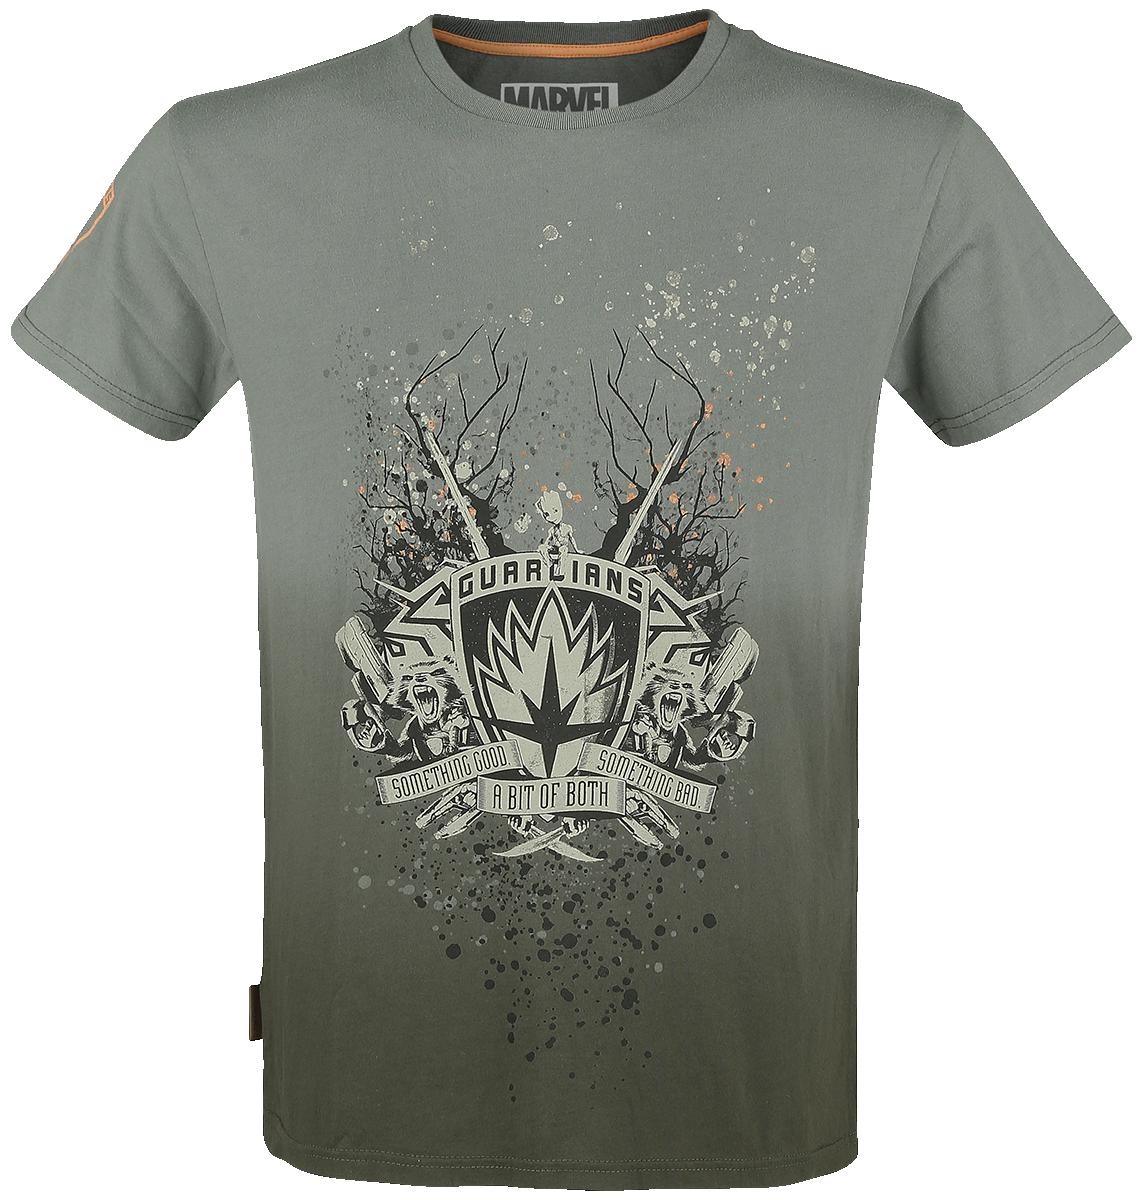 Guardians Of The Galaxy - Something good - something bad - T-Shirt - khaki image